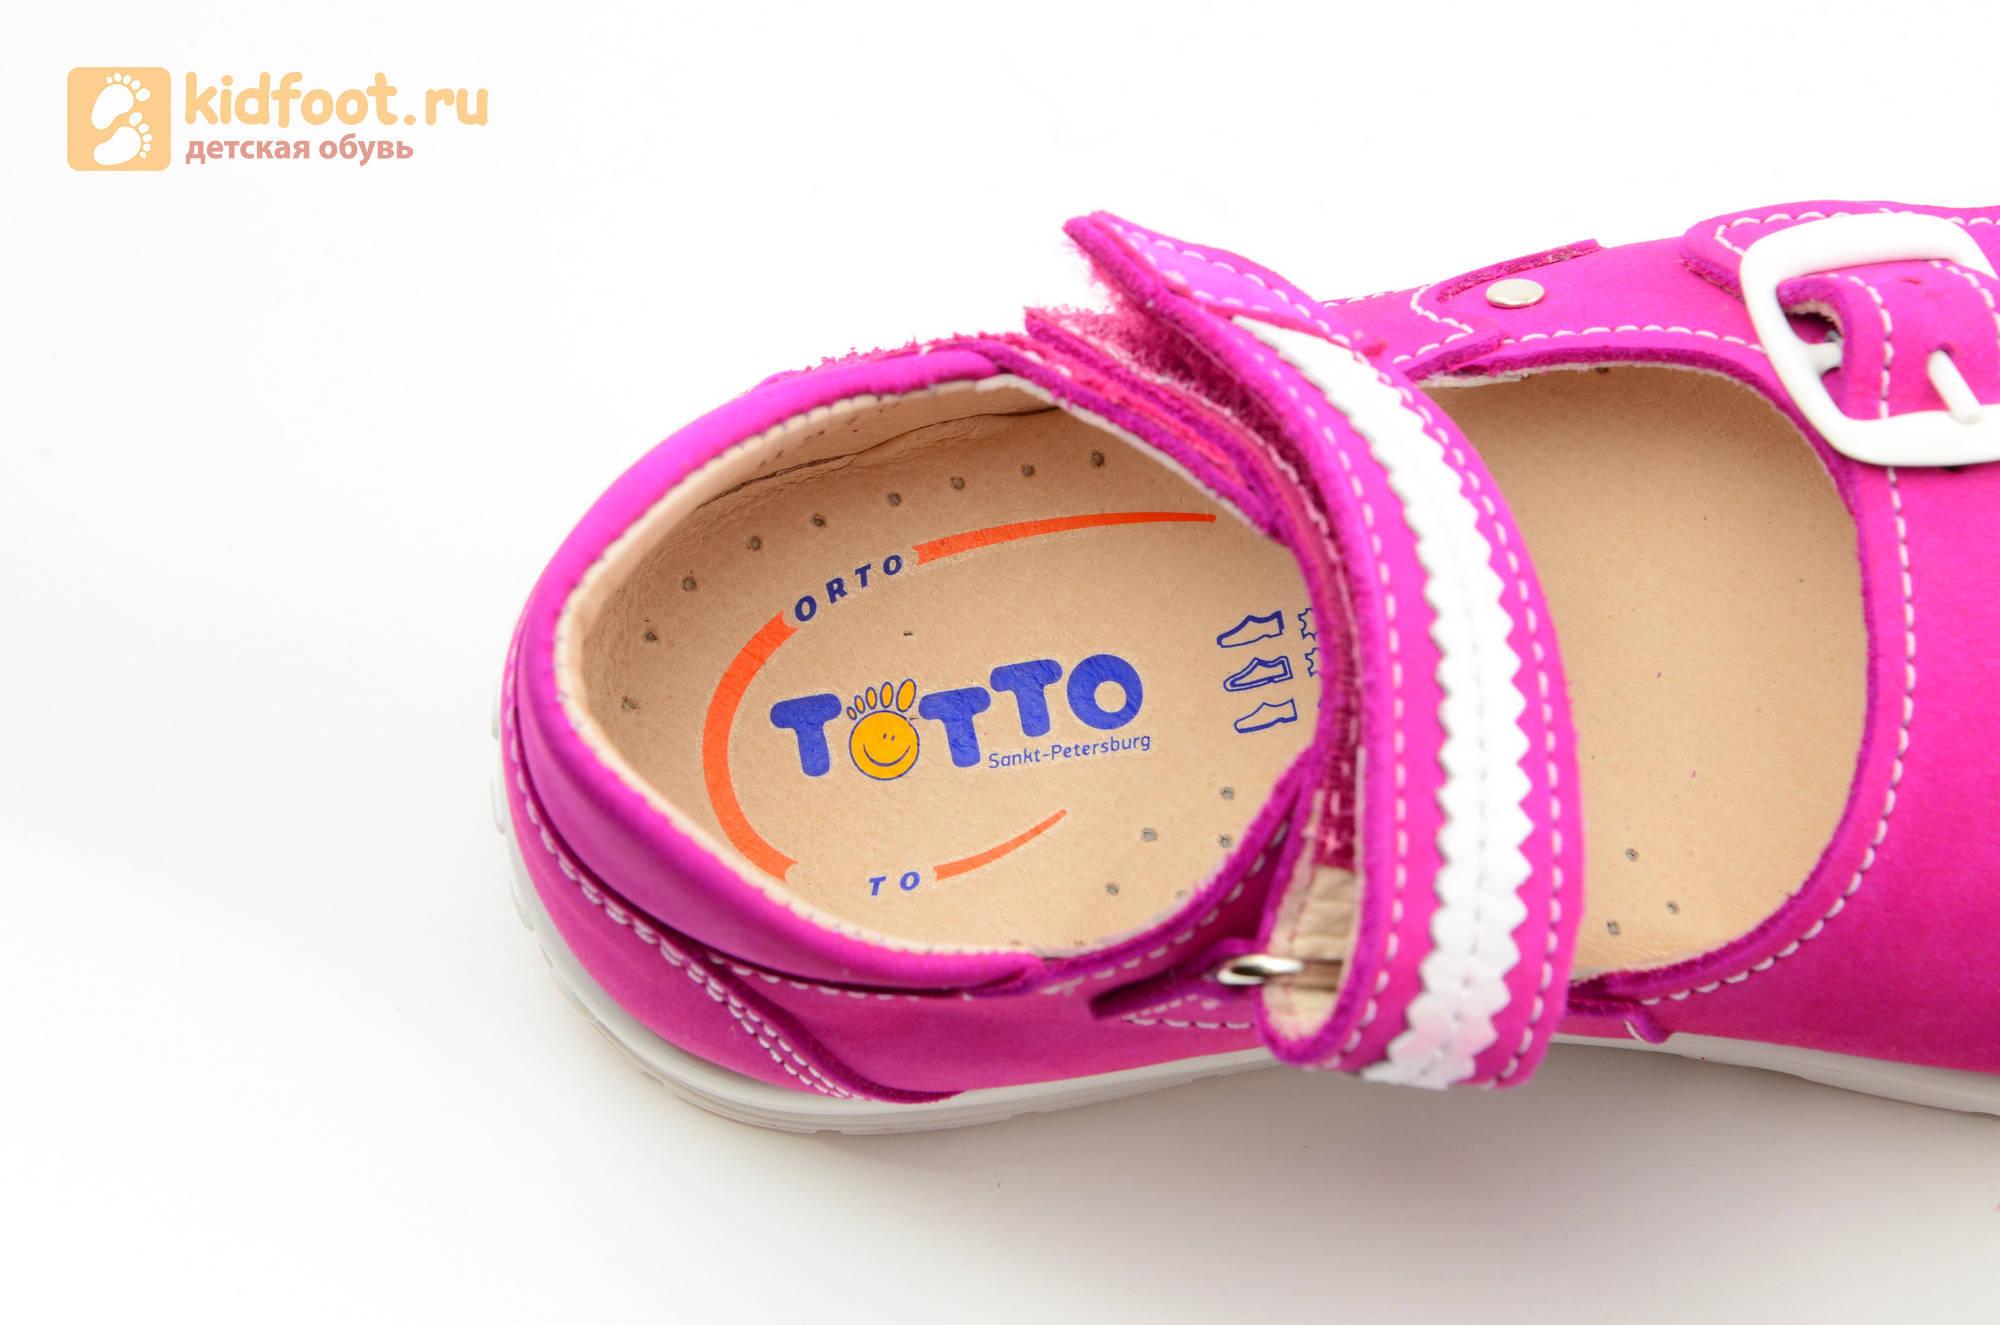 Босоножки Тотто из натуральной кожи с открытым носом для девочек, цвет Фуксия, 1082A